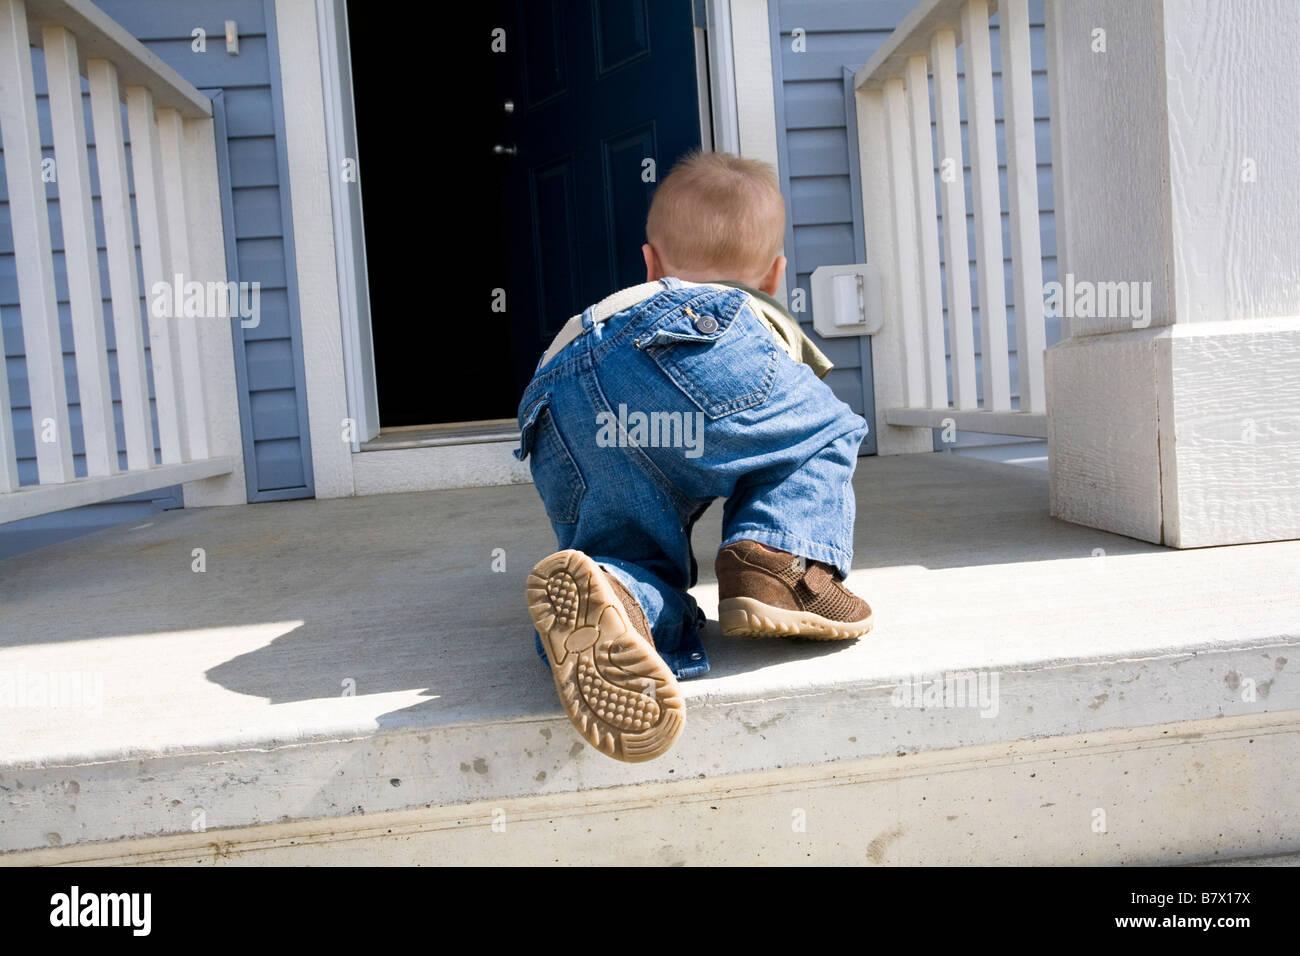 Bambino gattona verso la porta aperta Foto Stock